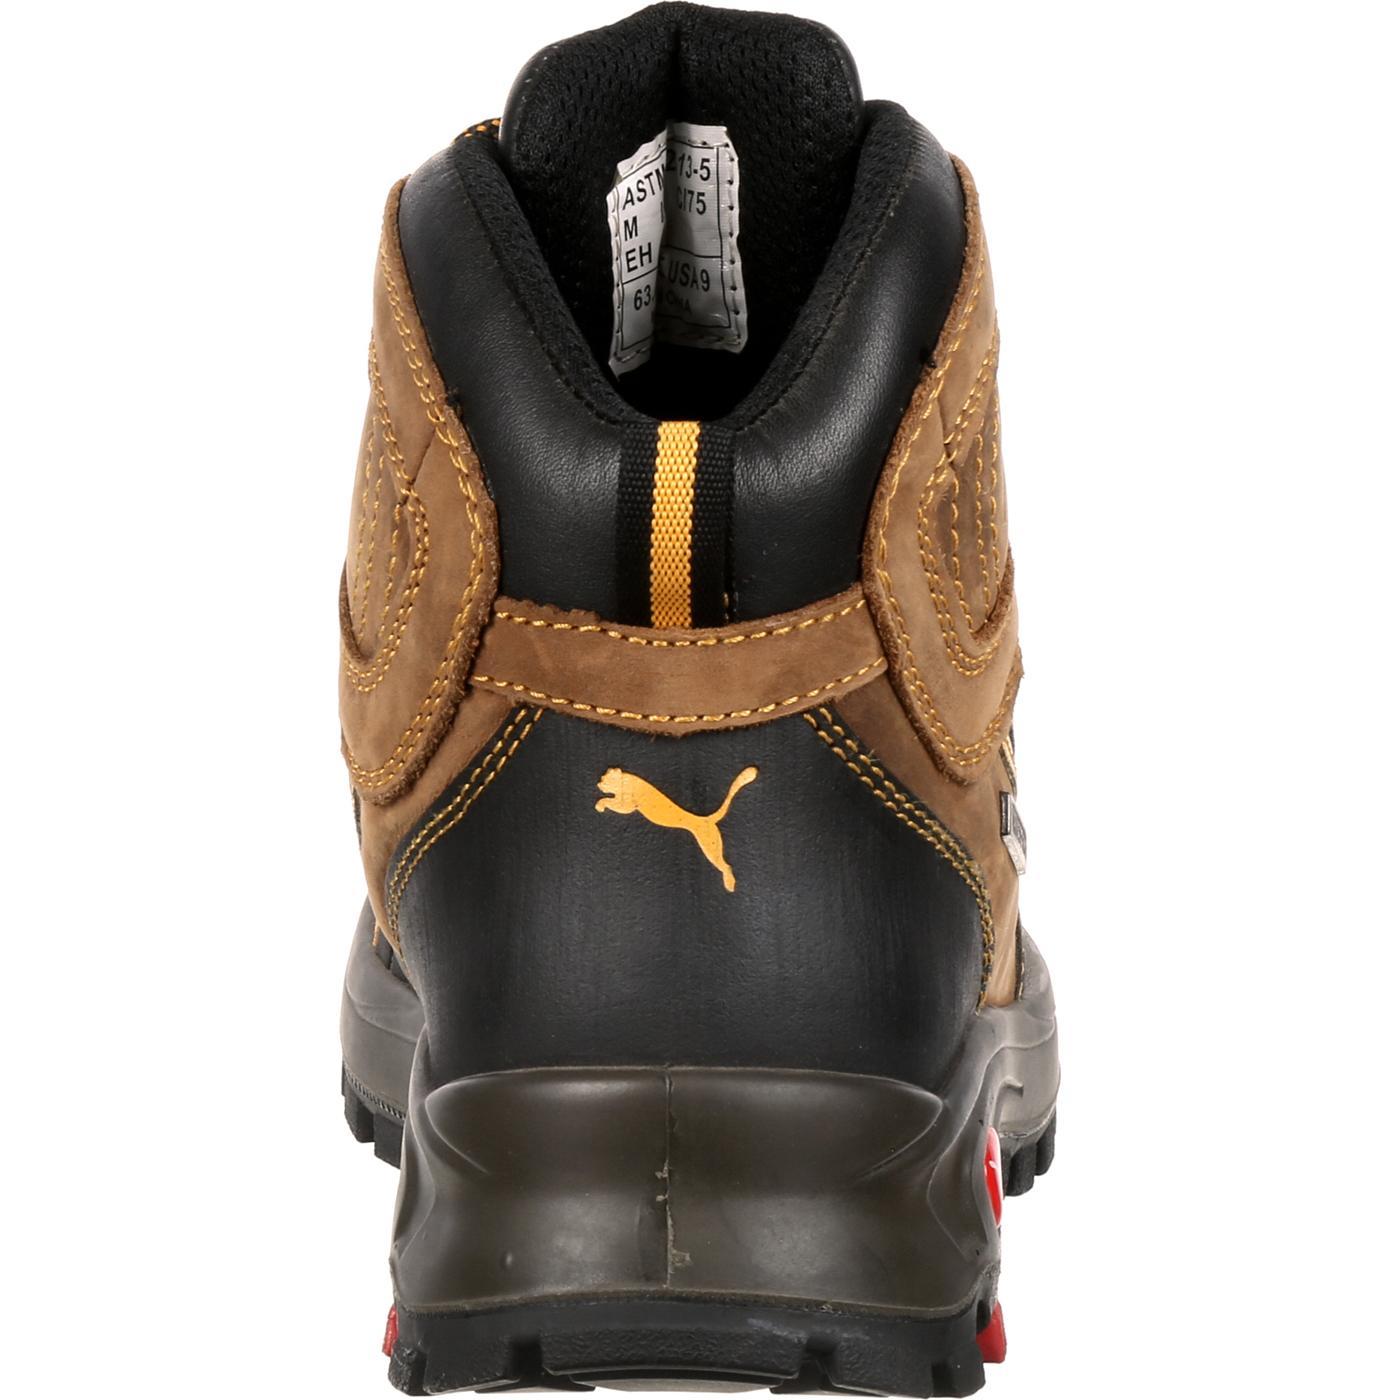 9fd70fbfdfe1 Puma Sierra Nevada Composite Toe Waterproof Hiker Work Shoe